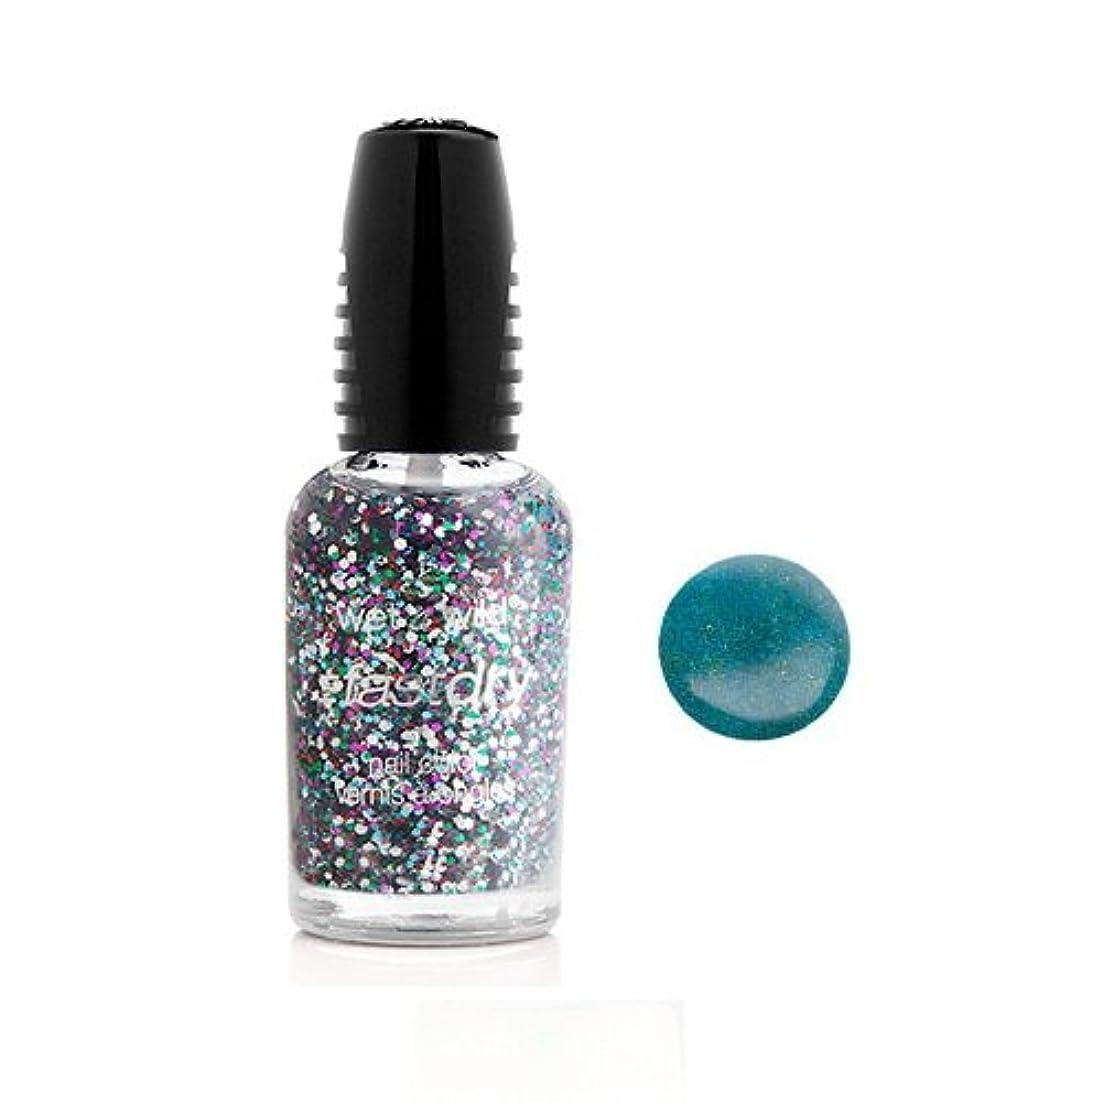 視力プランテーション気を散らすWET N WILD Fastdry Nail Color - Teal of Fortune (並行輸入品)